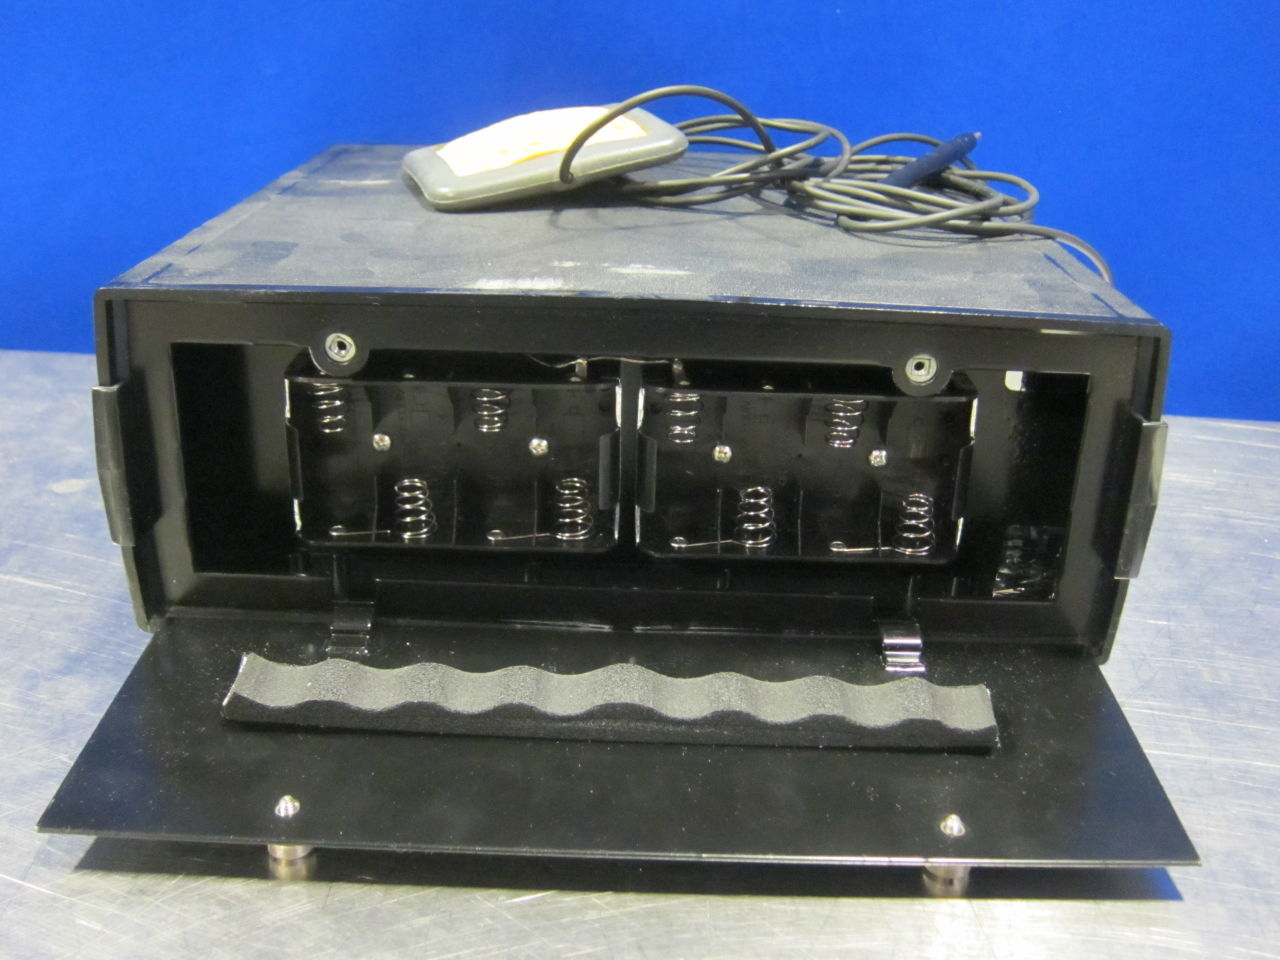 PAINDX Axon II Nerve Stimulator